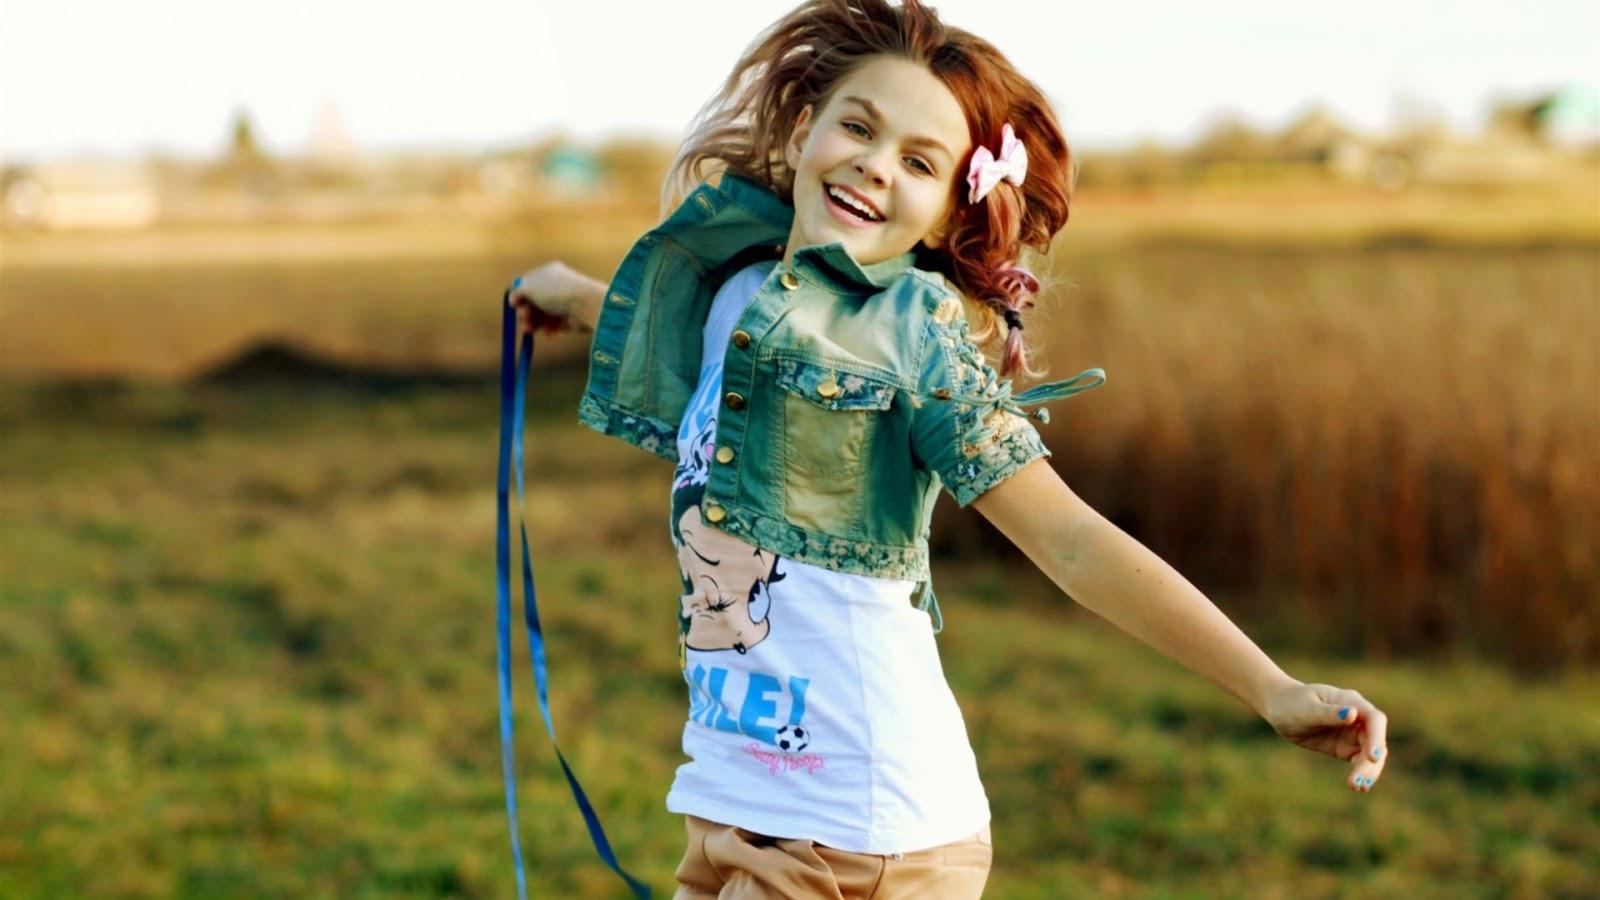 Girl Joy Smile